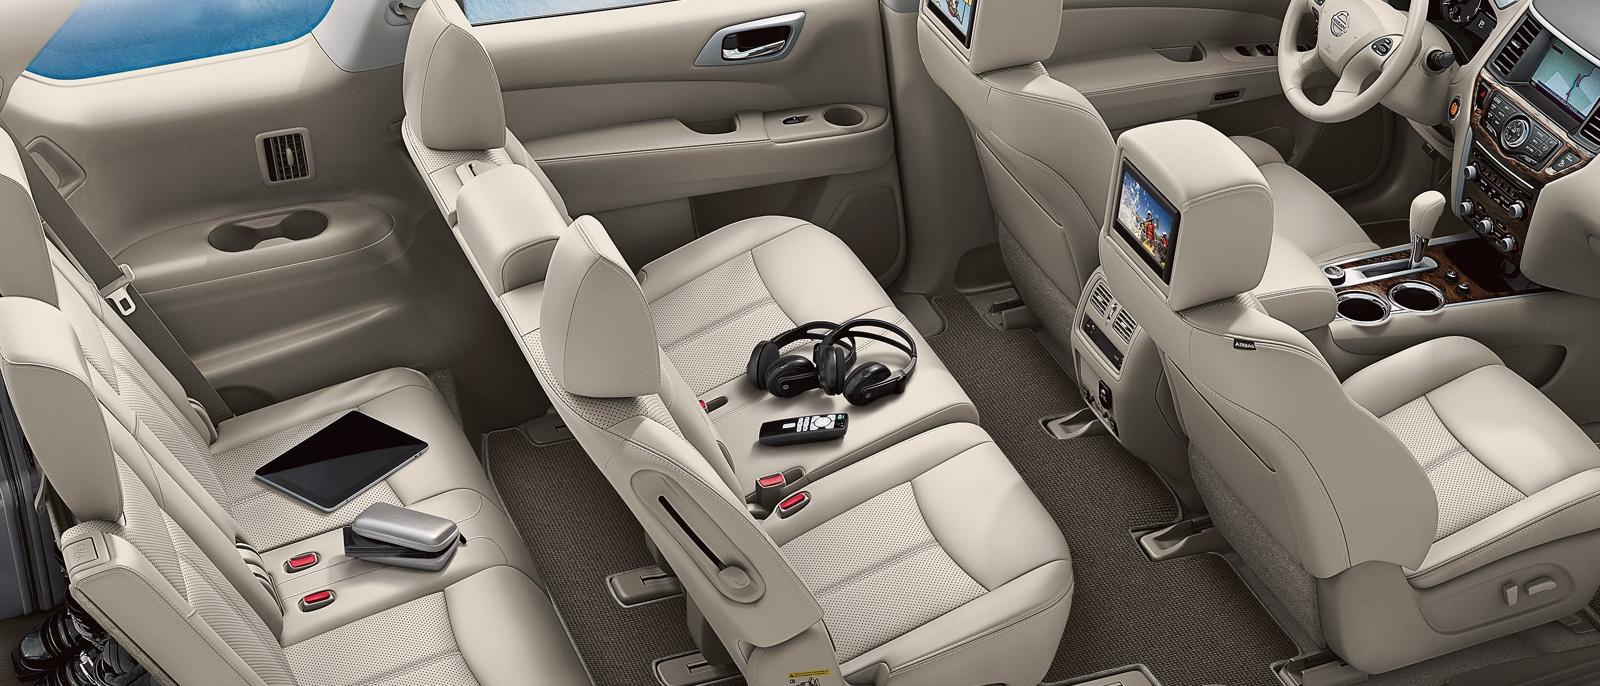 2015 Nissan Pathfinder Slider